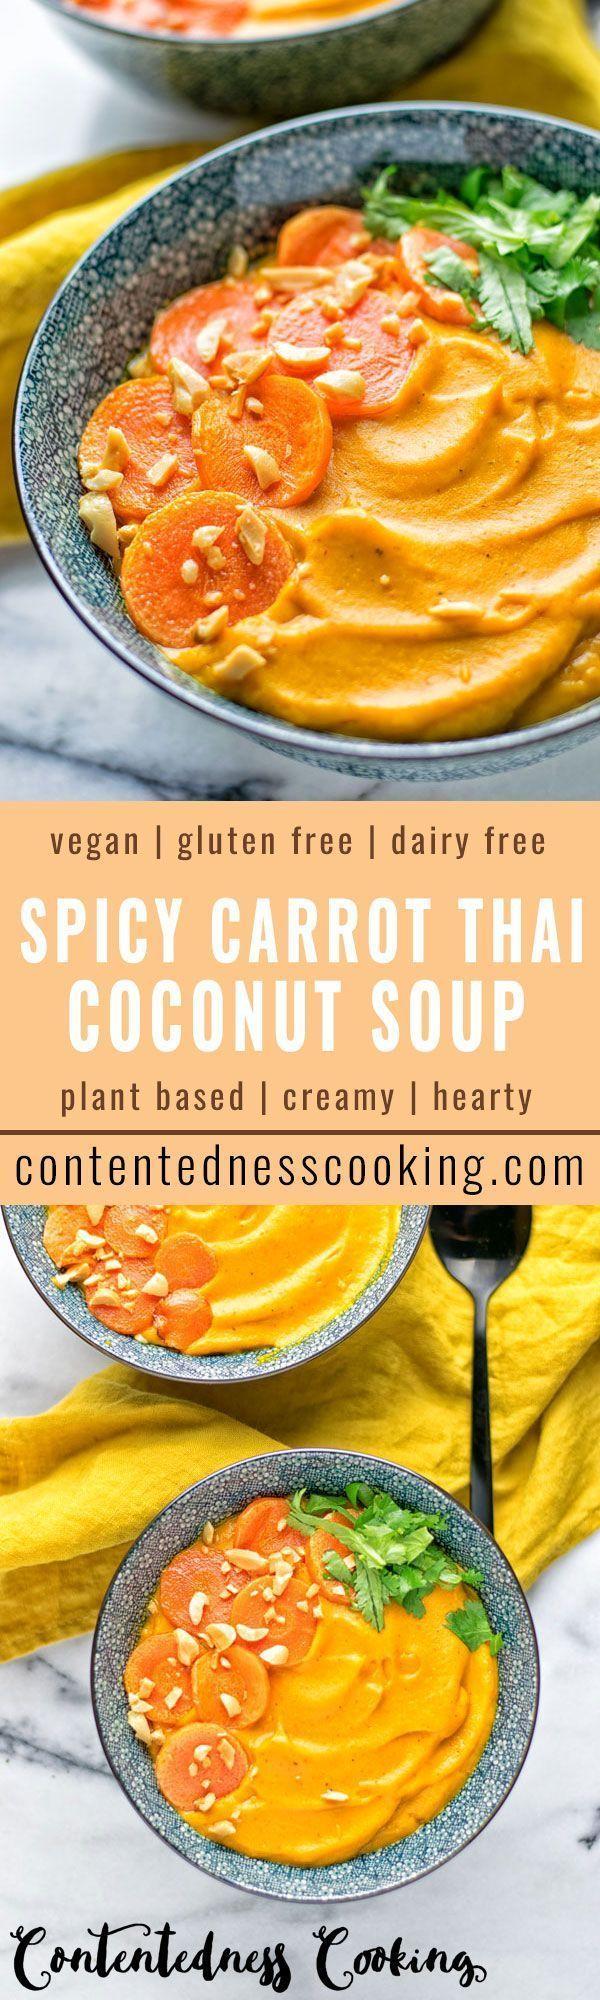 Würzige Karotte thailändische Kokosnusssuppe